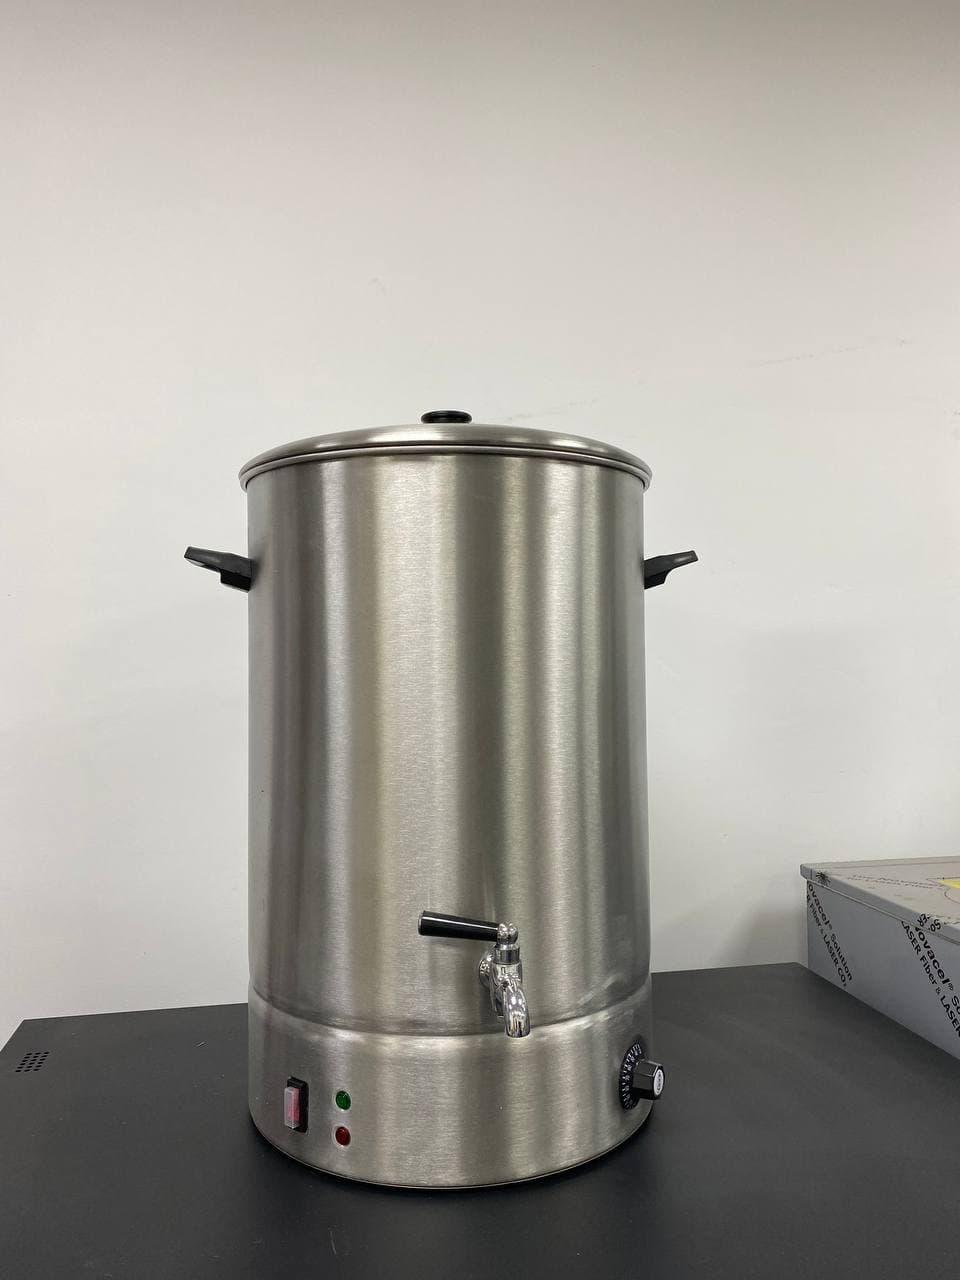 Электро-кипятильник (чаераздатчик) 30 литров, без водомера. Гонконг-стайл.